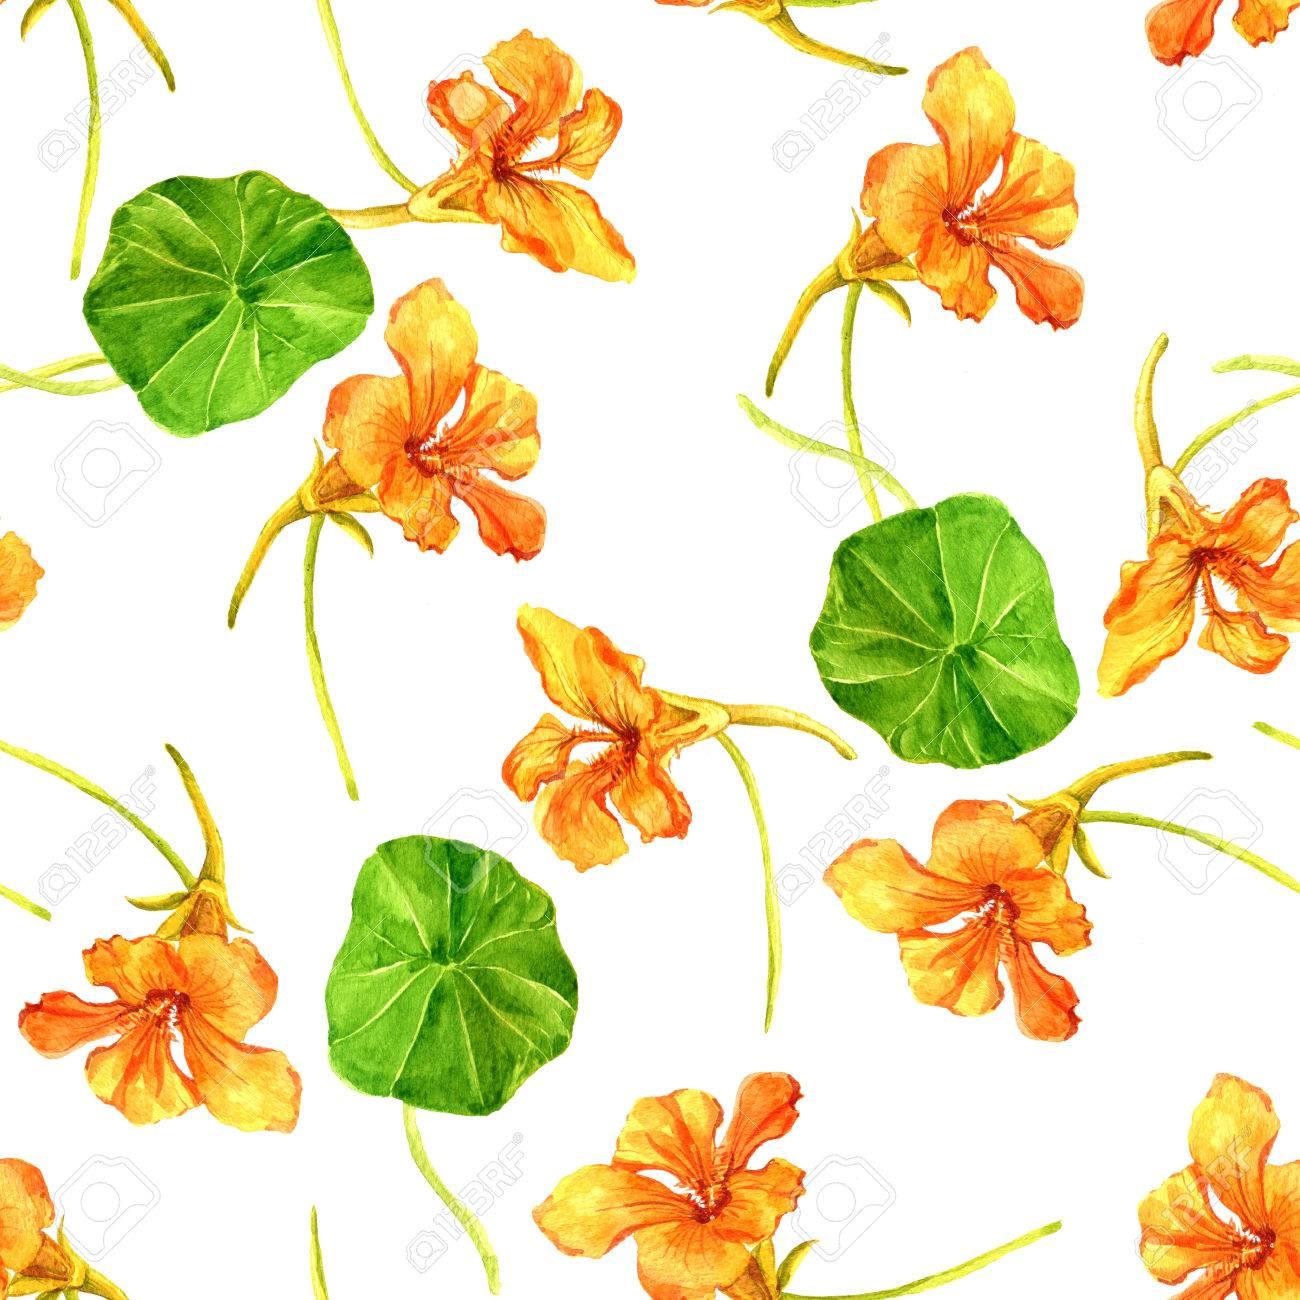 Patrón Sin Fisuras Con Flores De Color Naranja Dibujo De La Acuarela